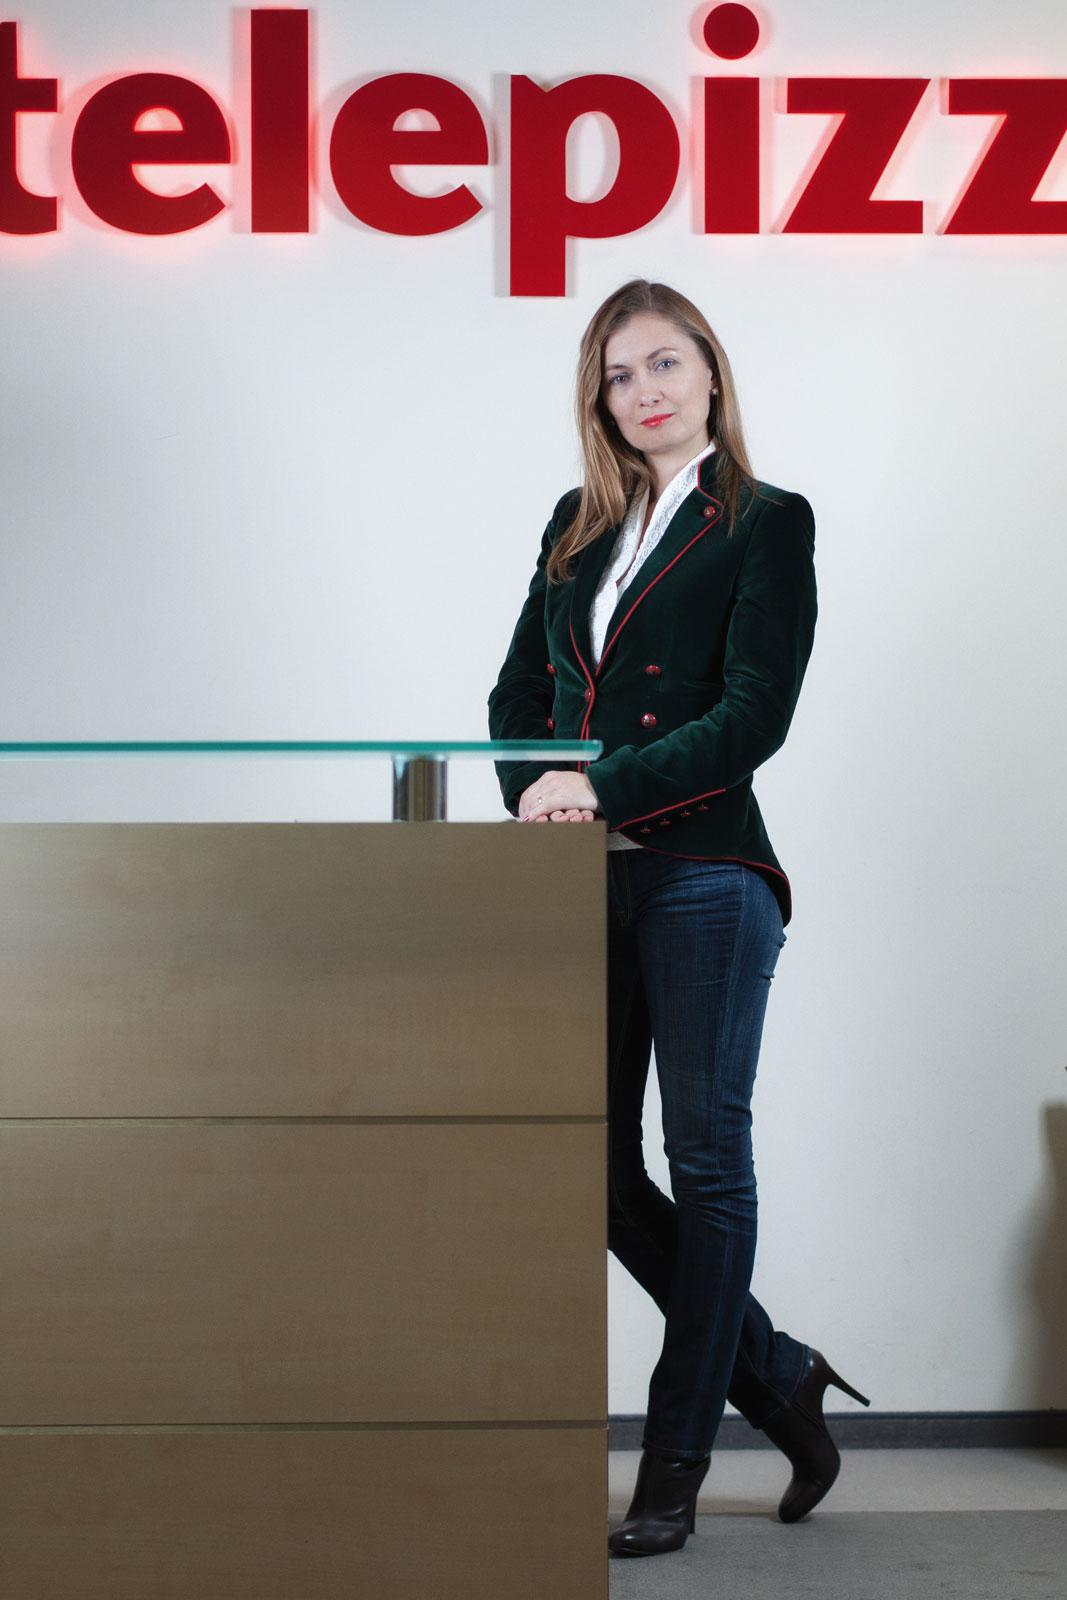 Iwona Olbryś, dyrektor generalna Telepizza Poland